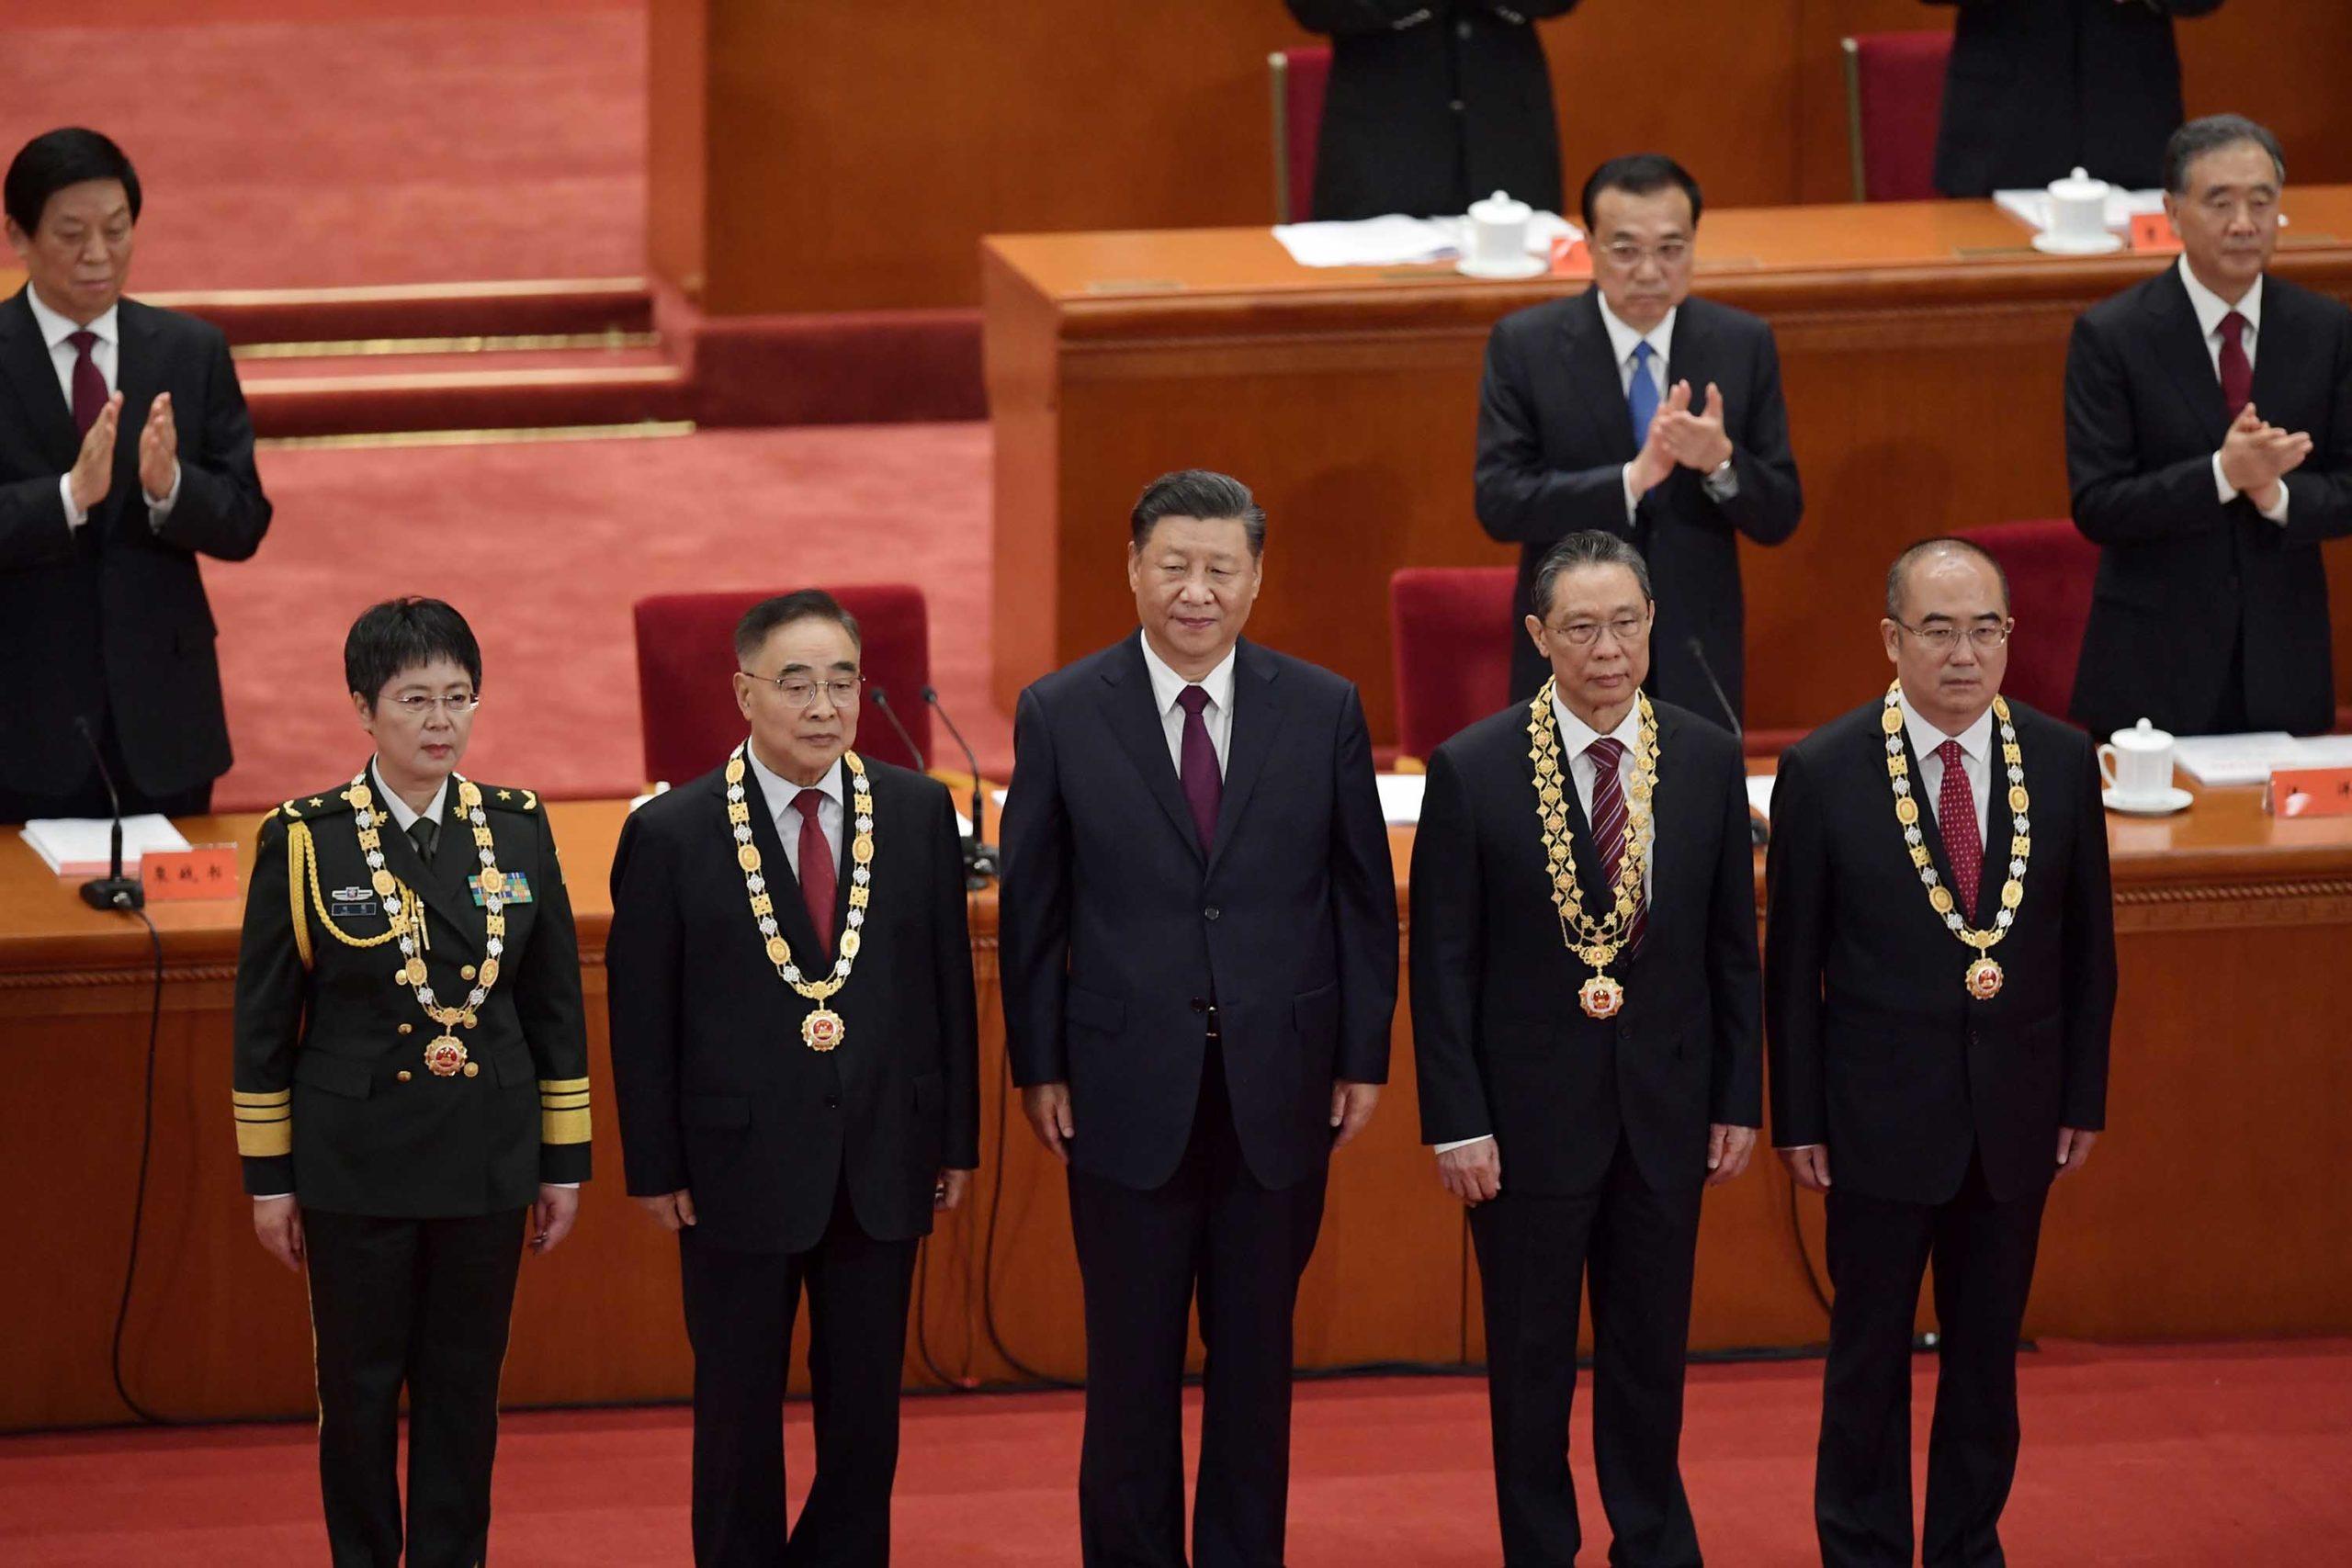 Presidenti Xi Jinping: Kina kaloi një provë historike me menaxhimin e Covid-19